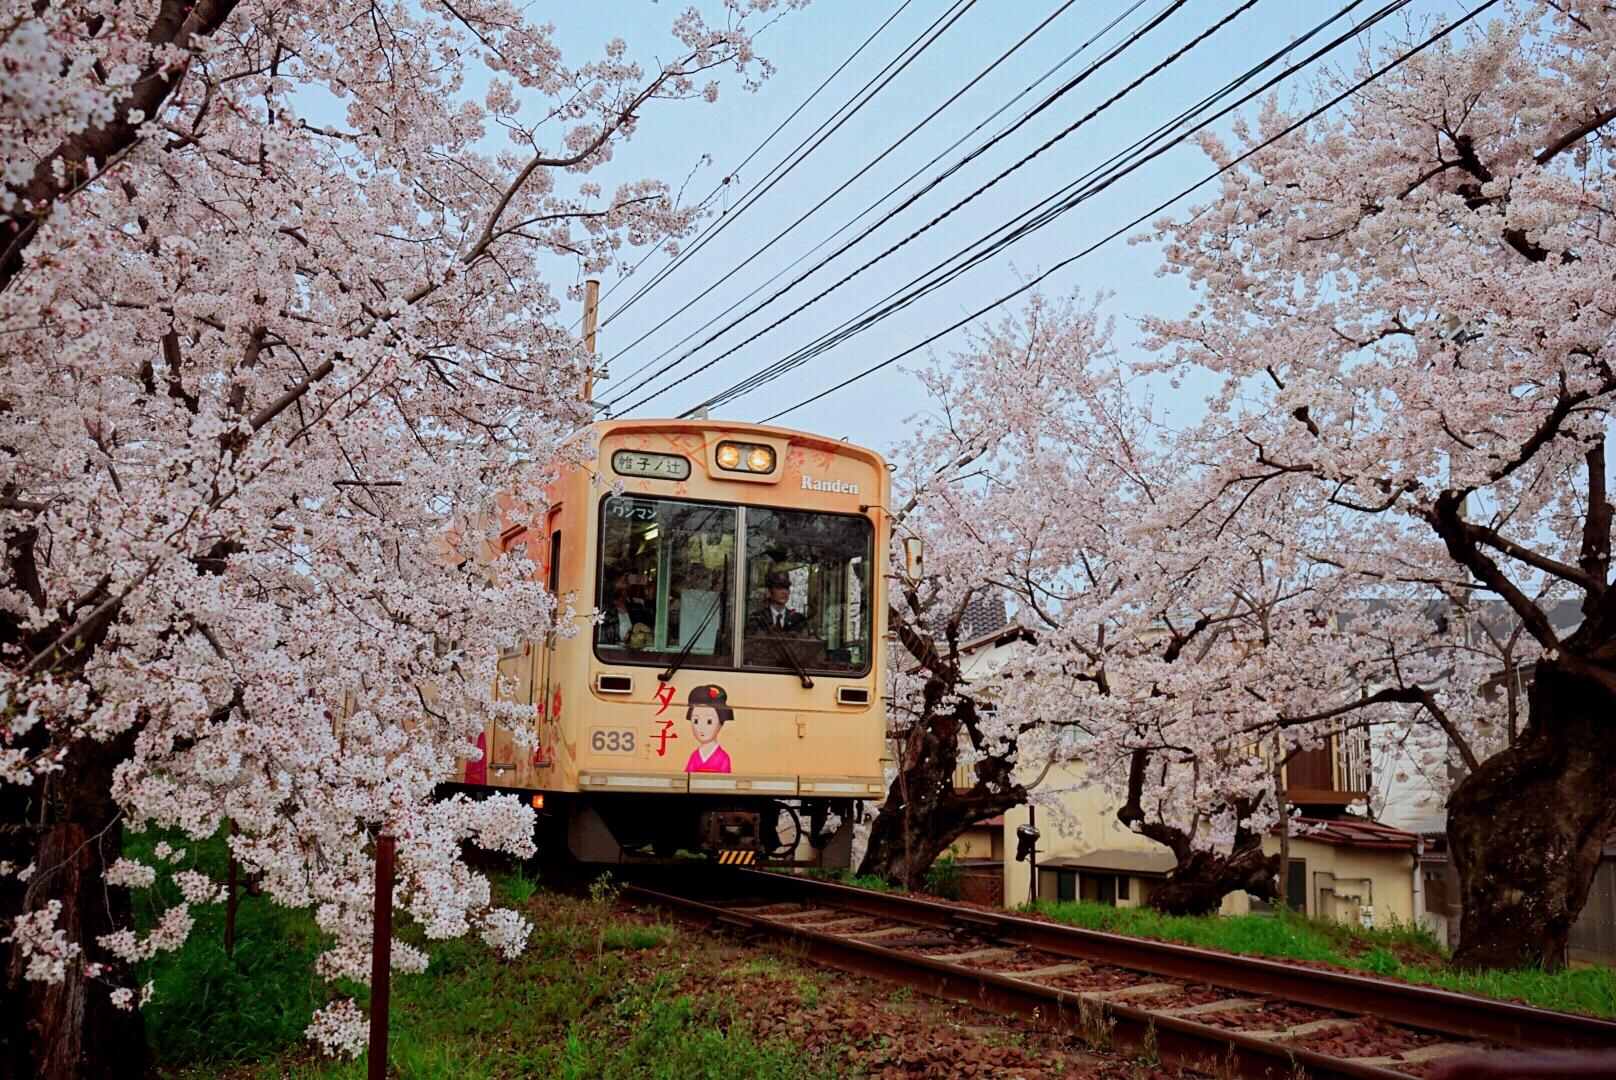 生日旅行遇上樱花盛开